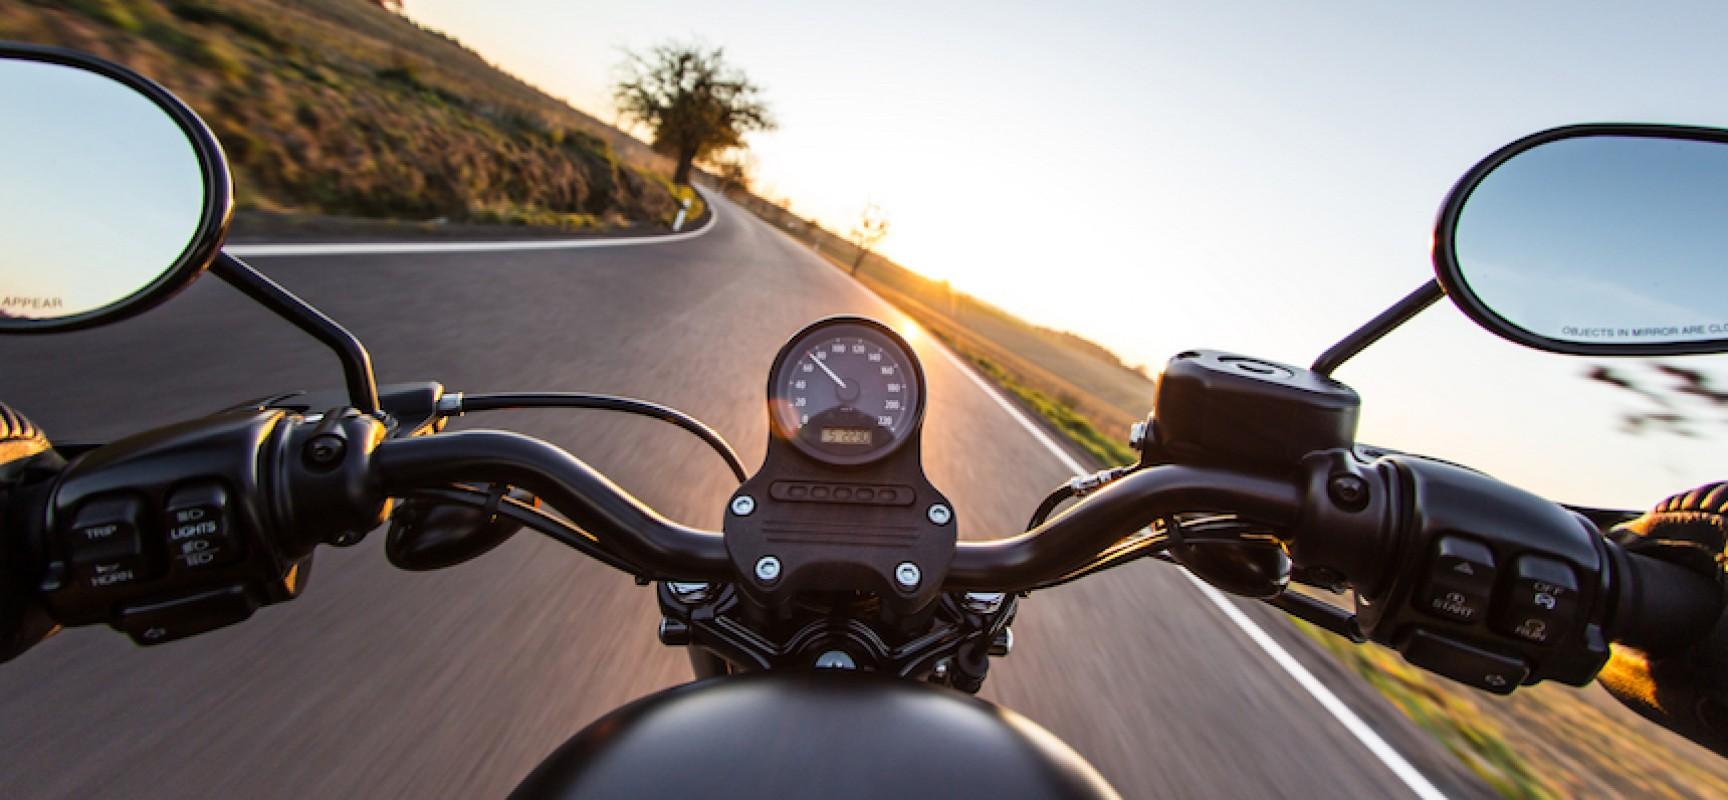 3 Ways to Prepare For A Motorcycle Road Trip in Utah